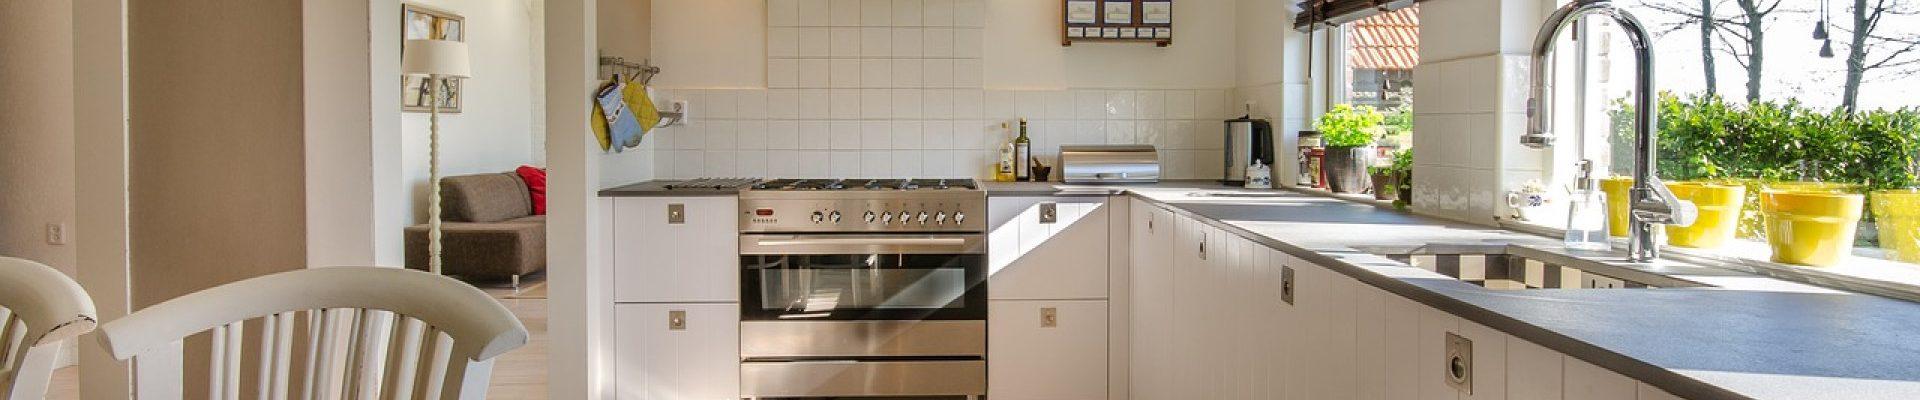 Pourquoi confier la construction de maison à étage à un professionnel ?